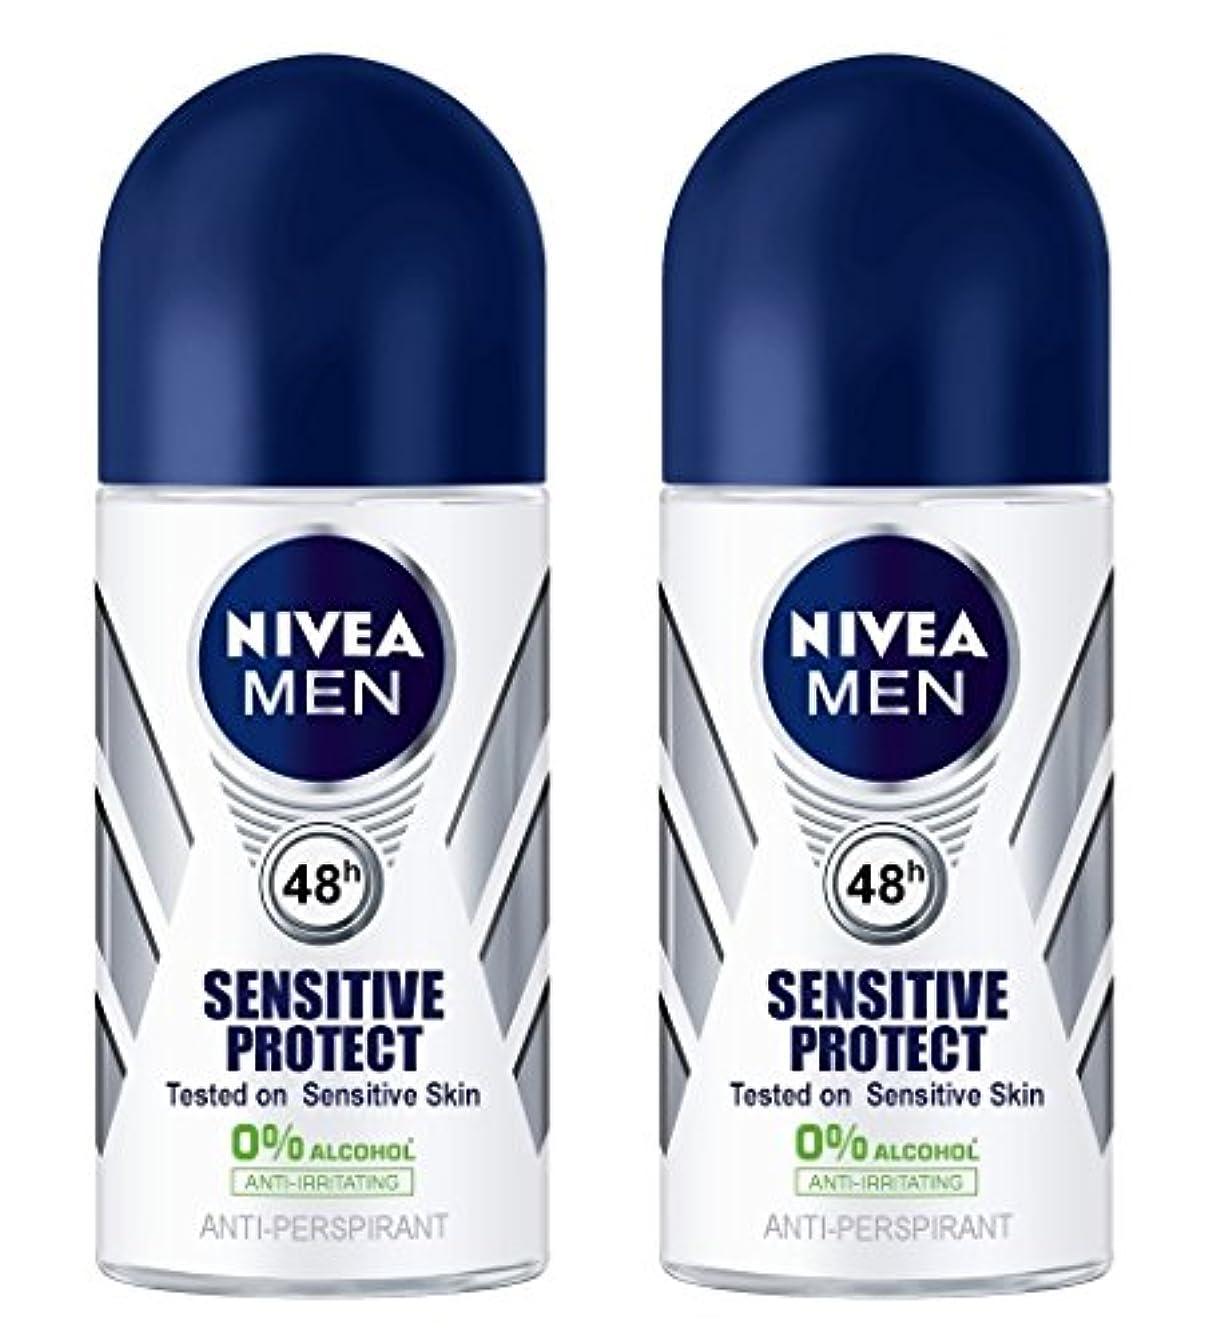 薄いです八百屋さん流行している(Pack of 2) Nivea Sensitive Protect Anti-perspirant Deodorant Roll On for Men 50ml - (2パック) ニベア敏感な保護する制汗剤デオドラントロールオン...